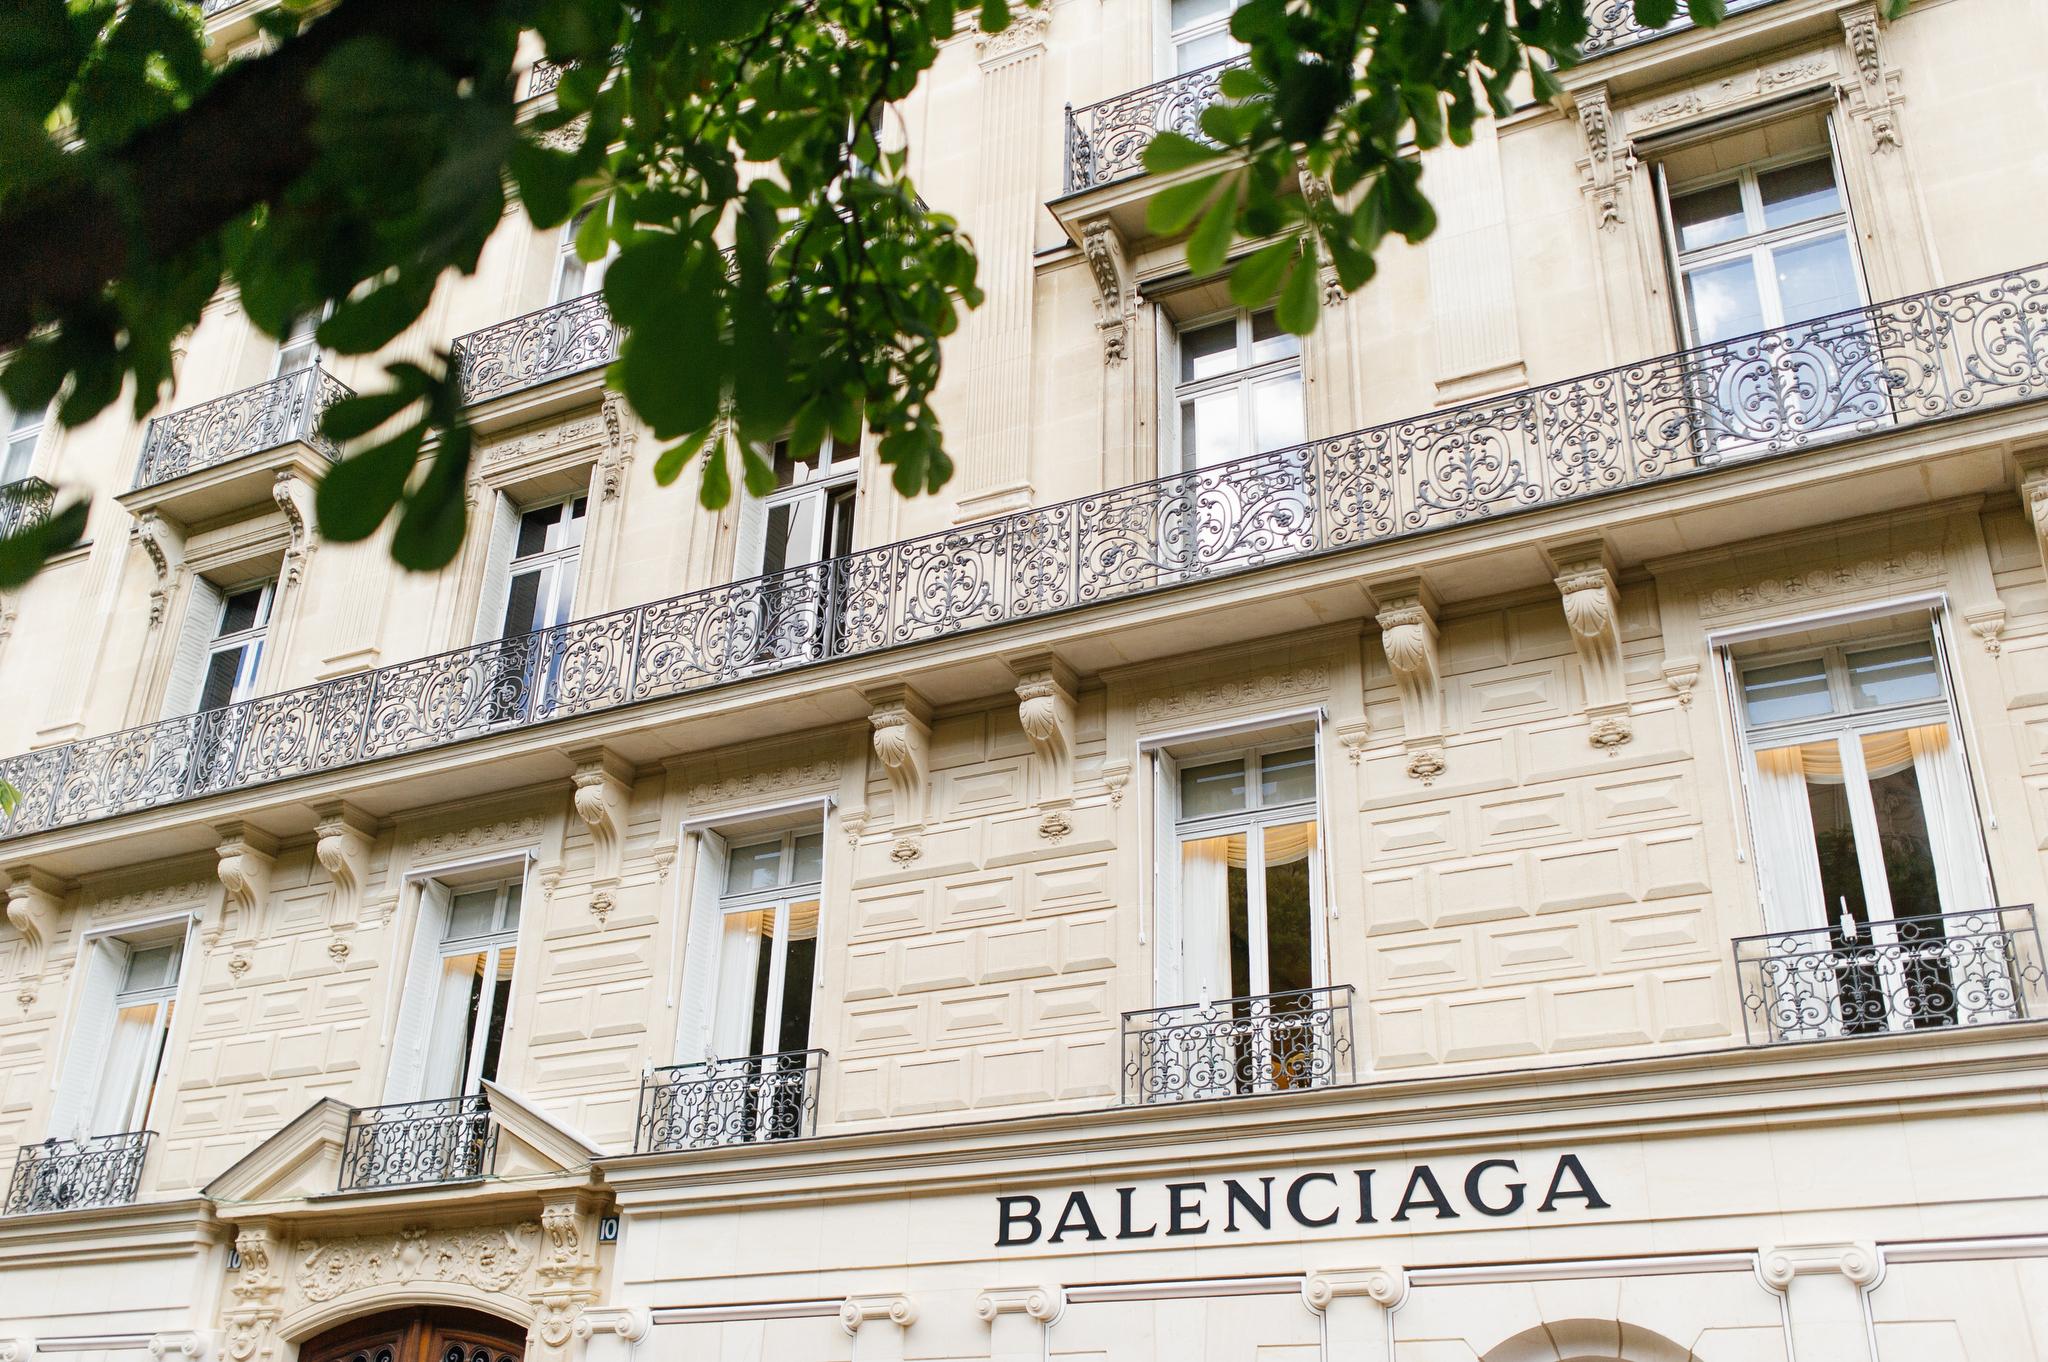 Balenciaga in Paris.